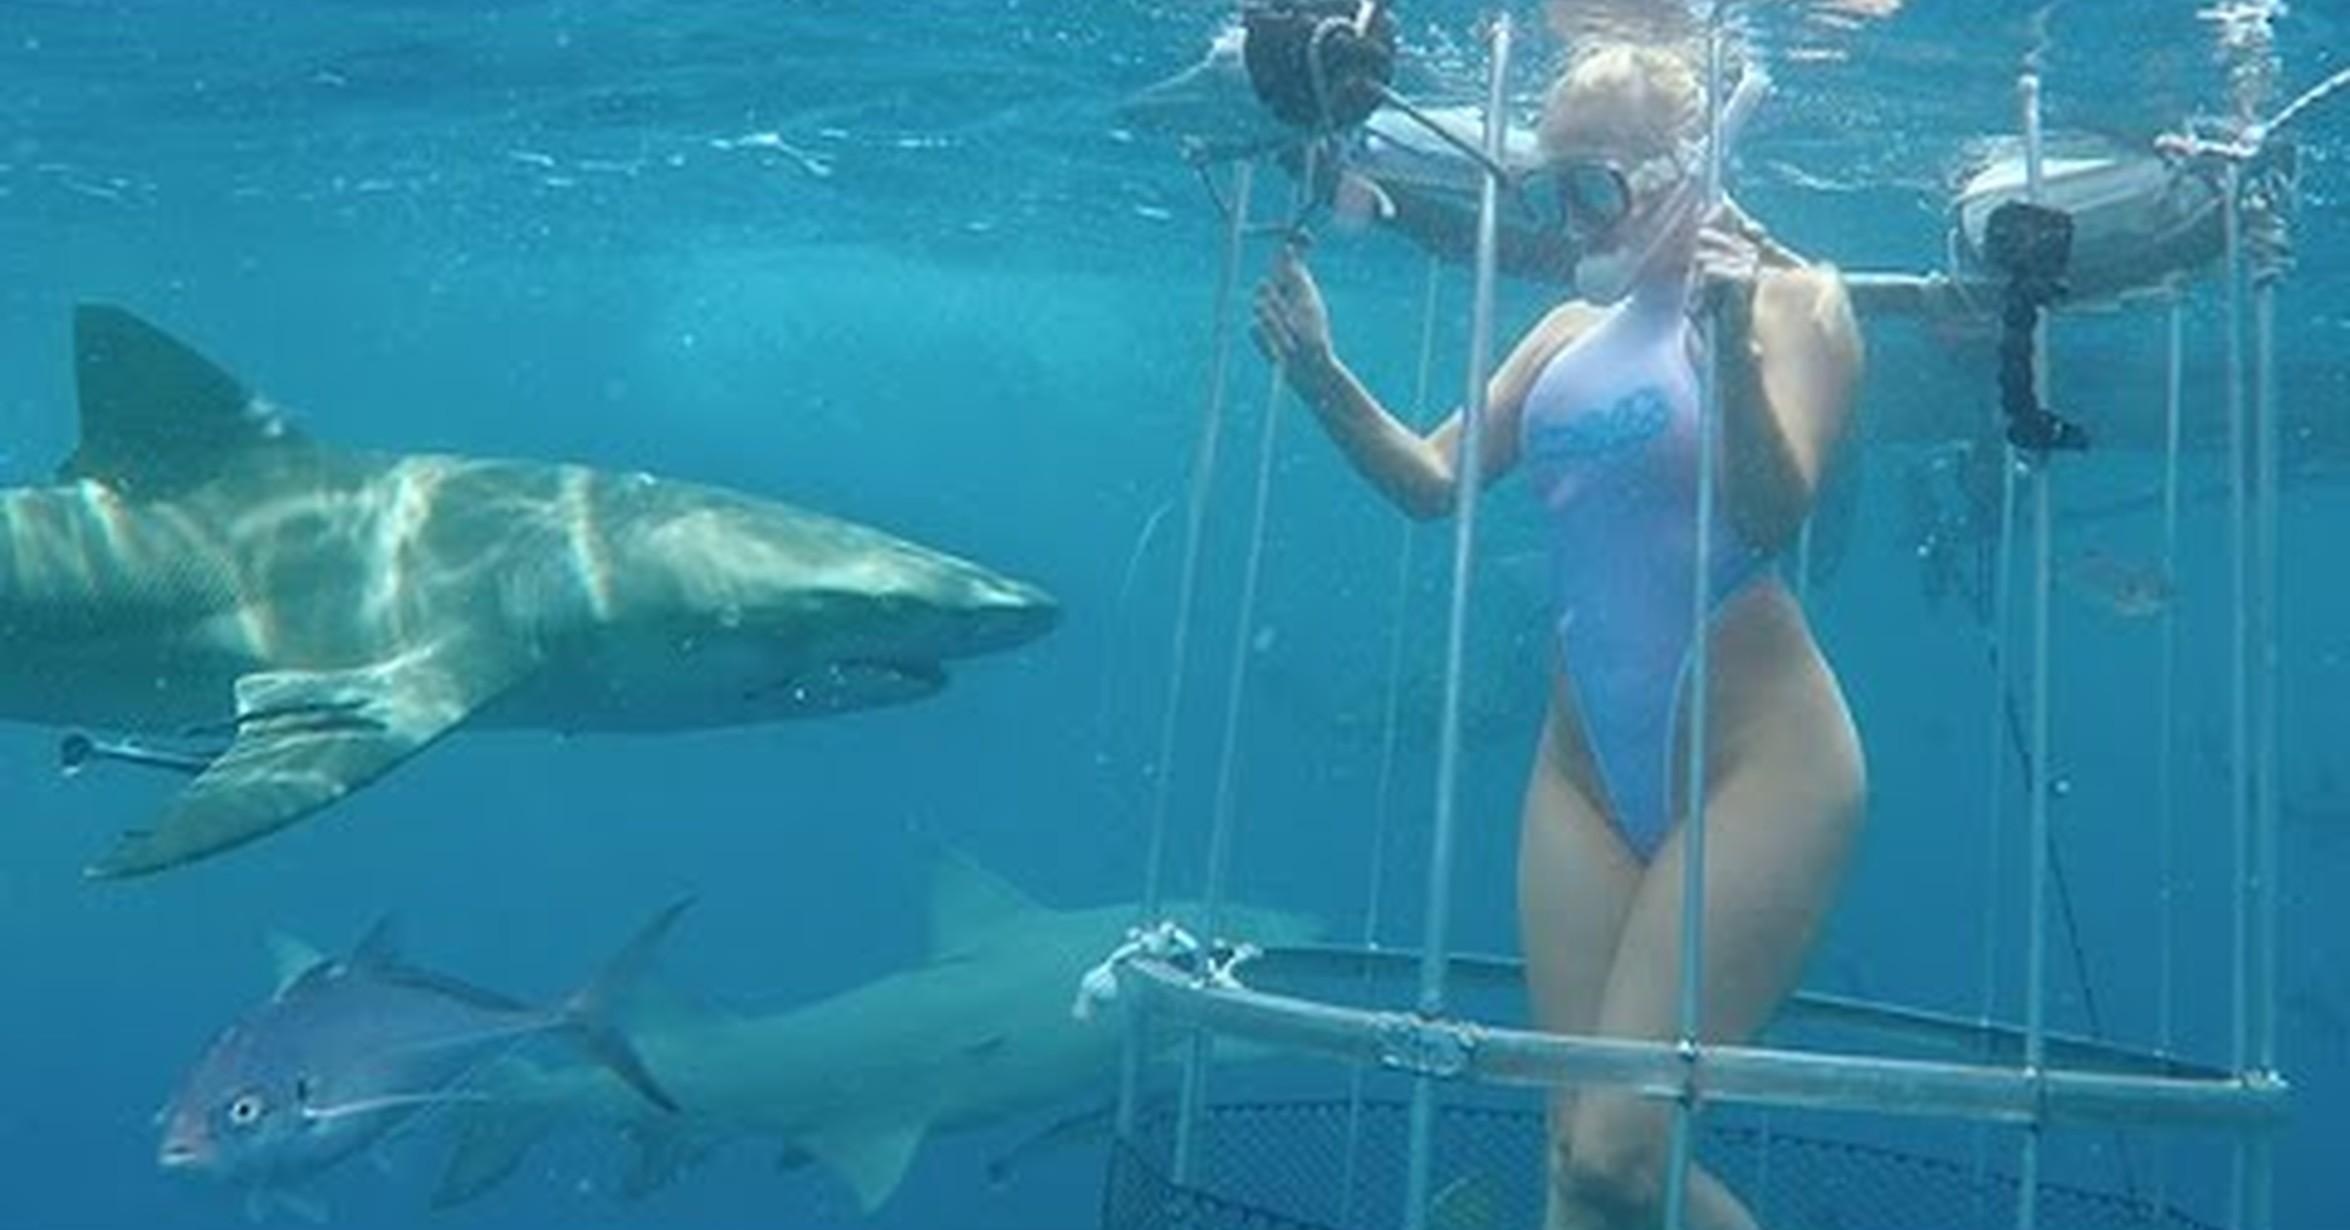 Ataque Tiburon Estrella Porno Fake no tengo tele! / muy fuerte: un tiburón le muerde la pierna